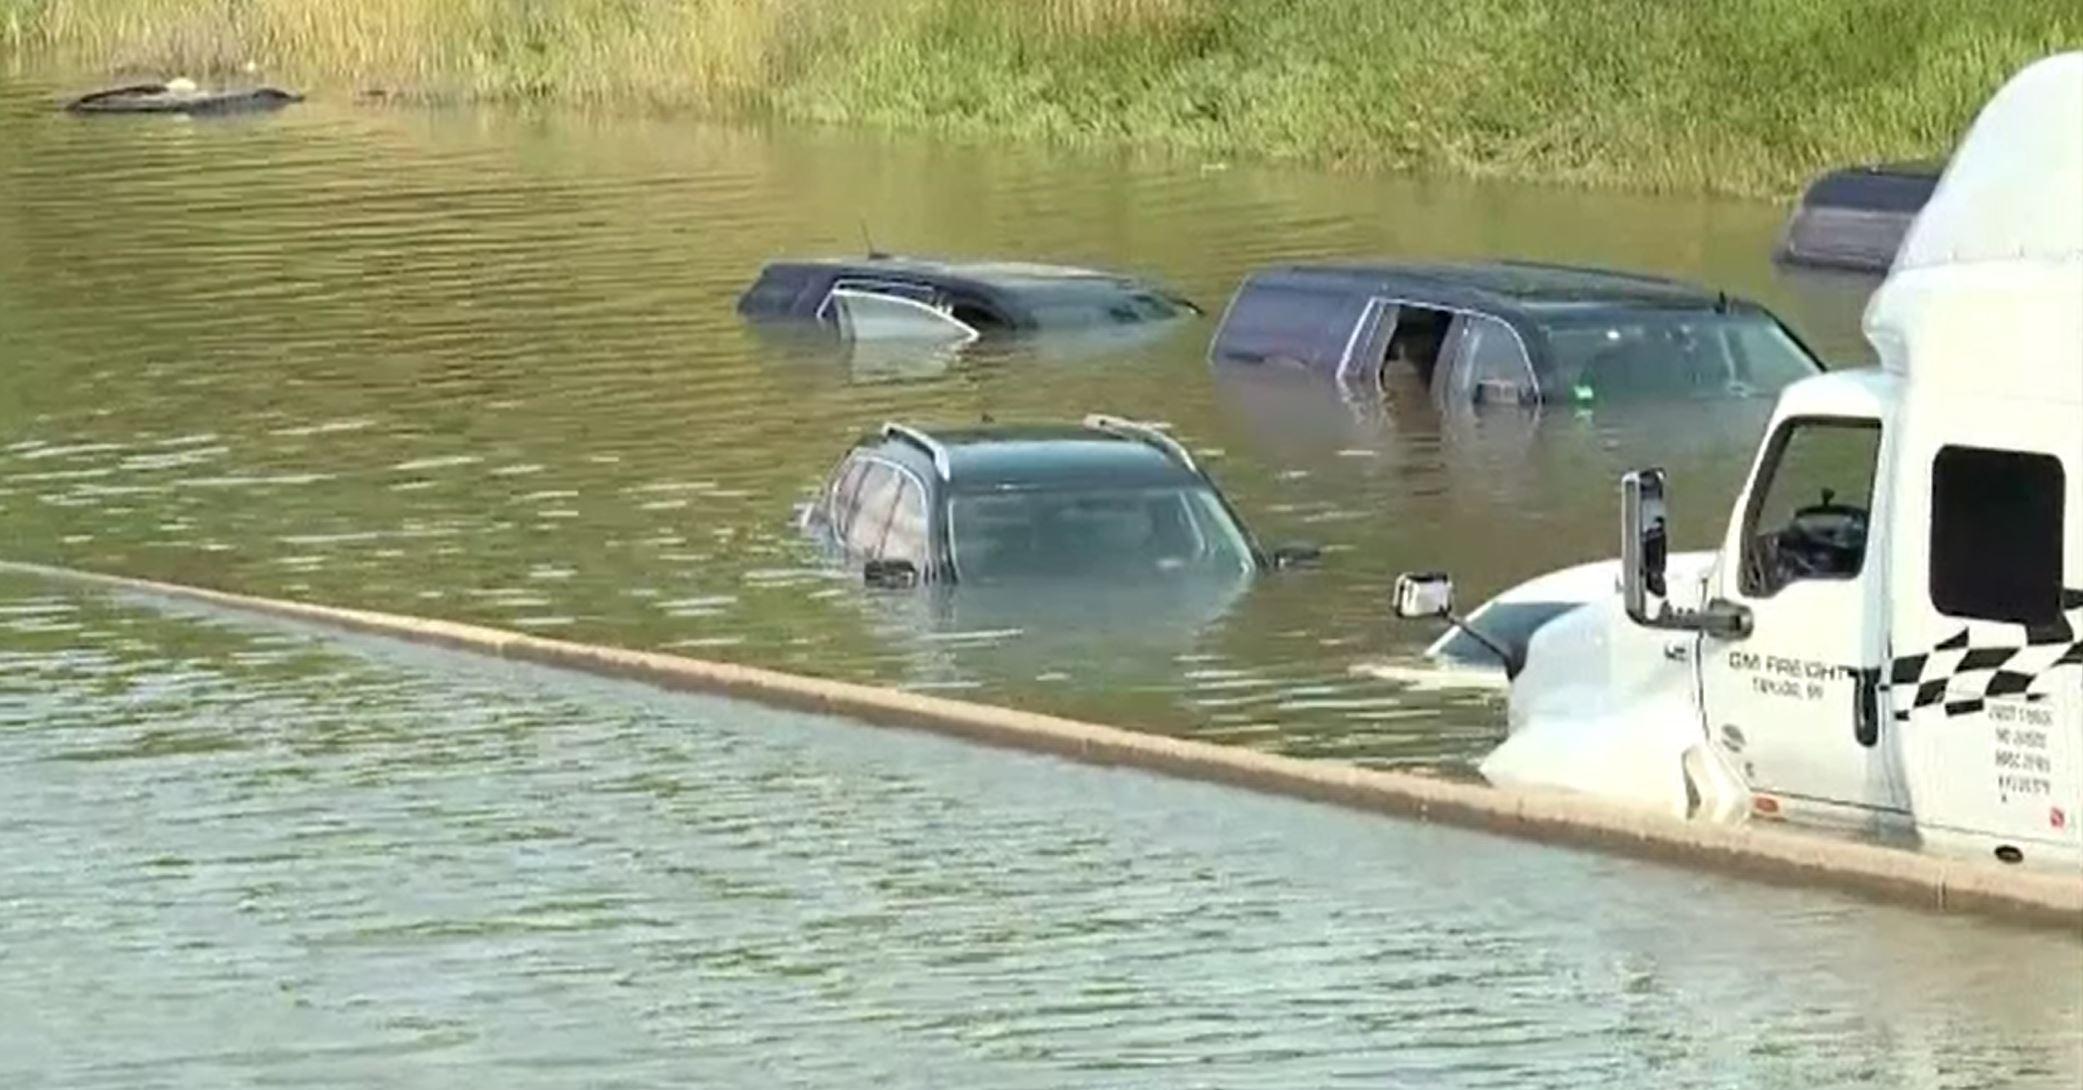 Inundații devastatoare în Statele Unite. În Detroit a fost declarată stare de urgență